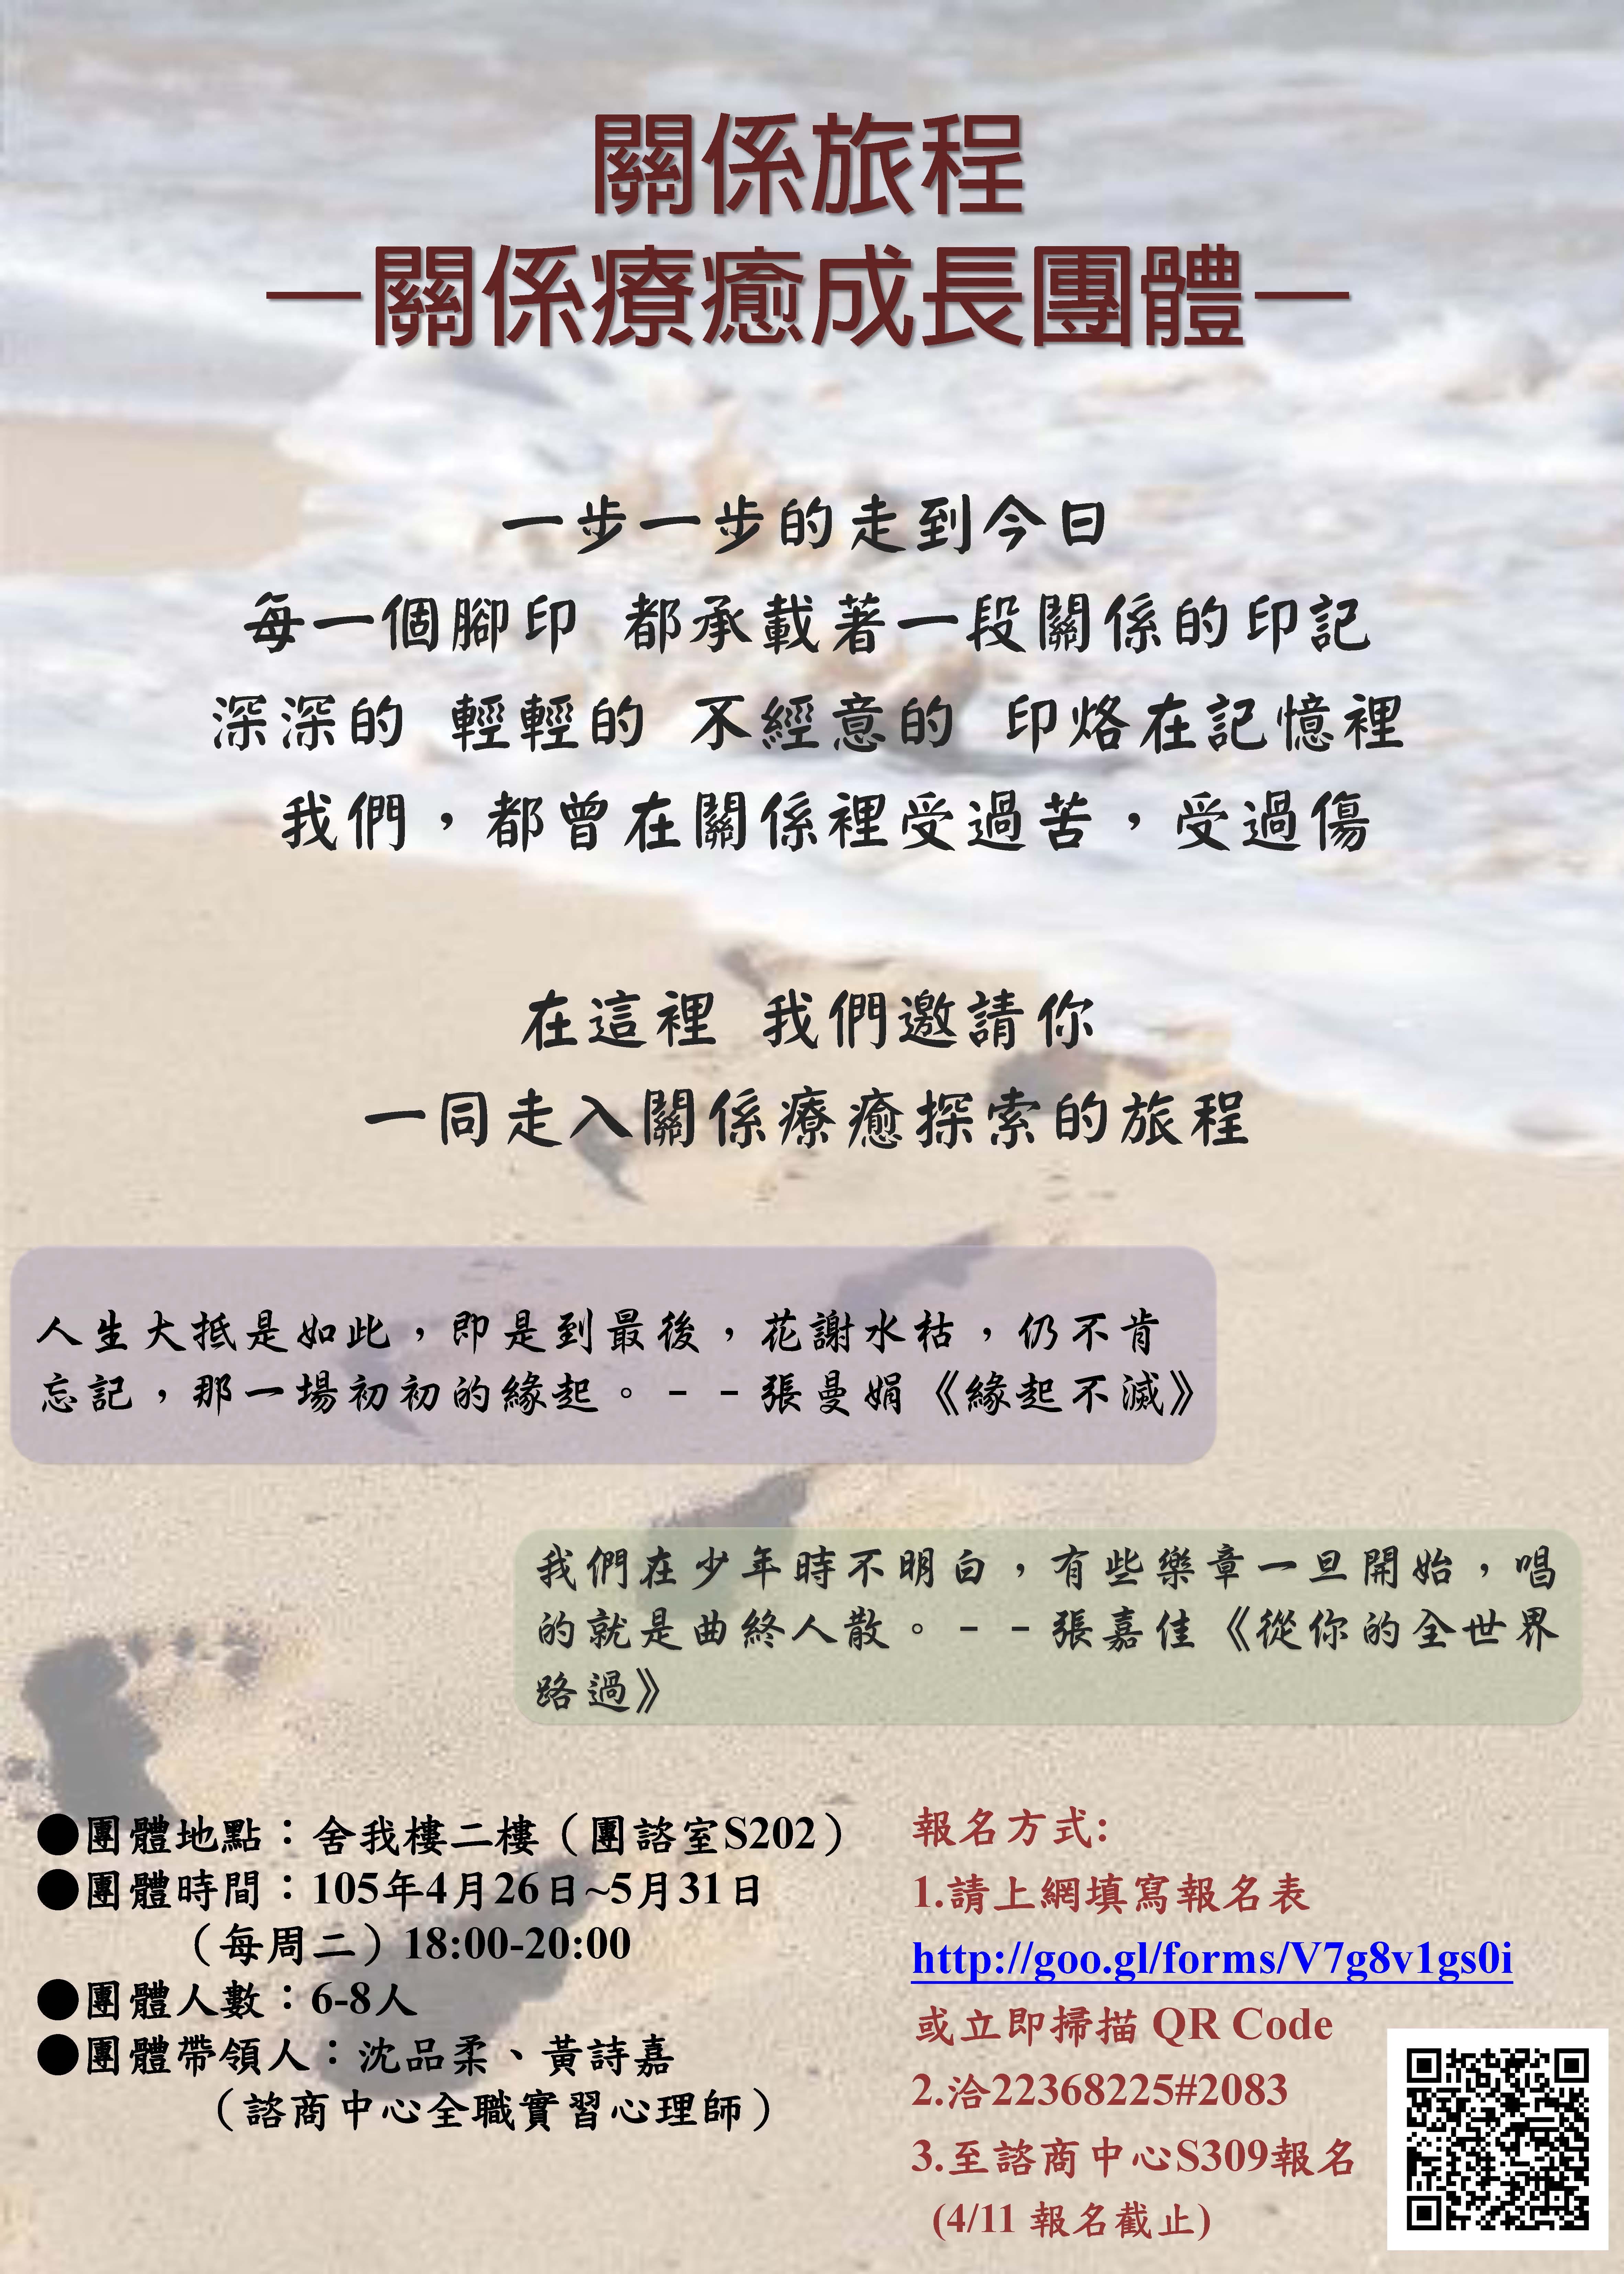 關係療癒團體海報